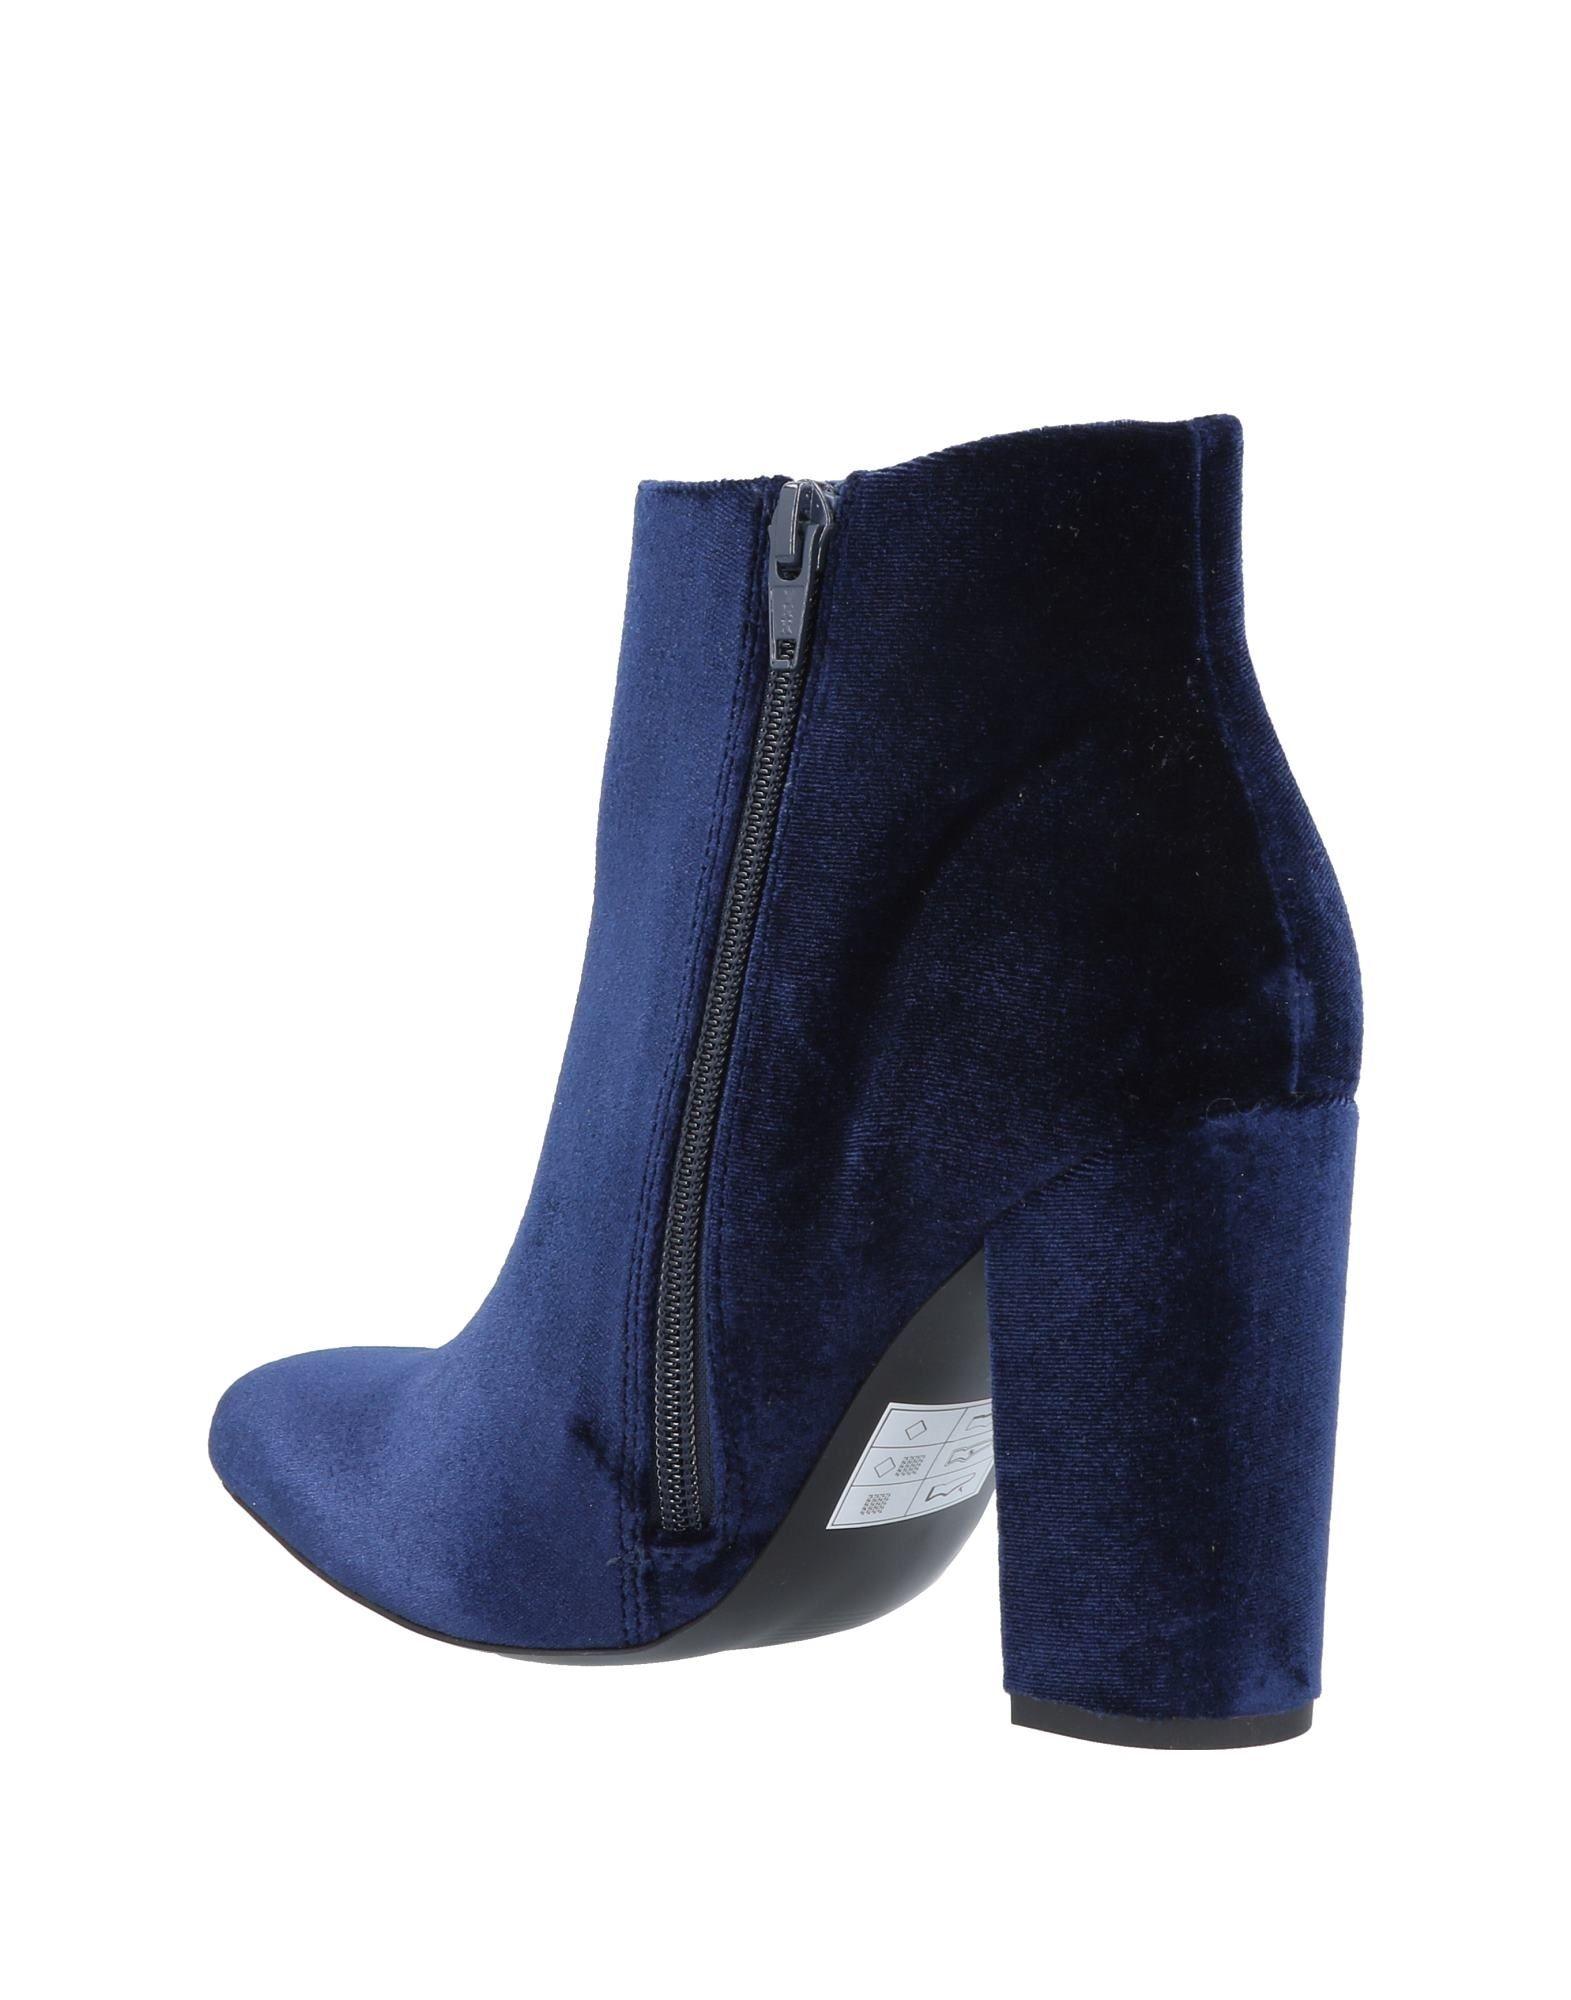 Steve Madden Stiefelette Damen beliebte  11467158SO Gute Qualität beliebte Damen Schuhe 54f864